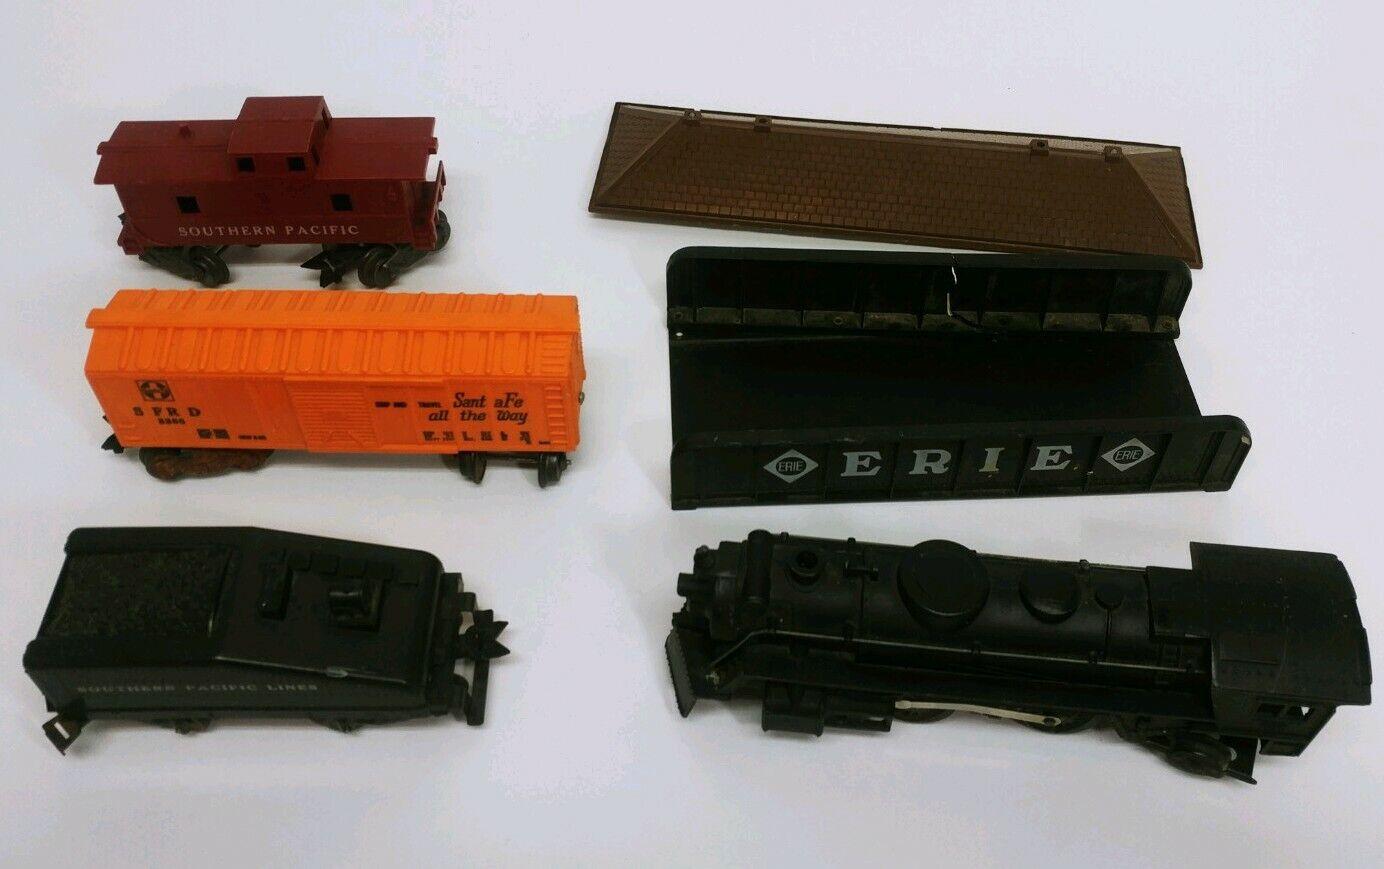 barato Locomotora De Motor De Mar Juguetes Train Set Set Set 666 Hecho en EE. UU.  necesita reparaciones   ahorra hasta un 30-50% de descuento